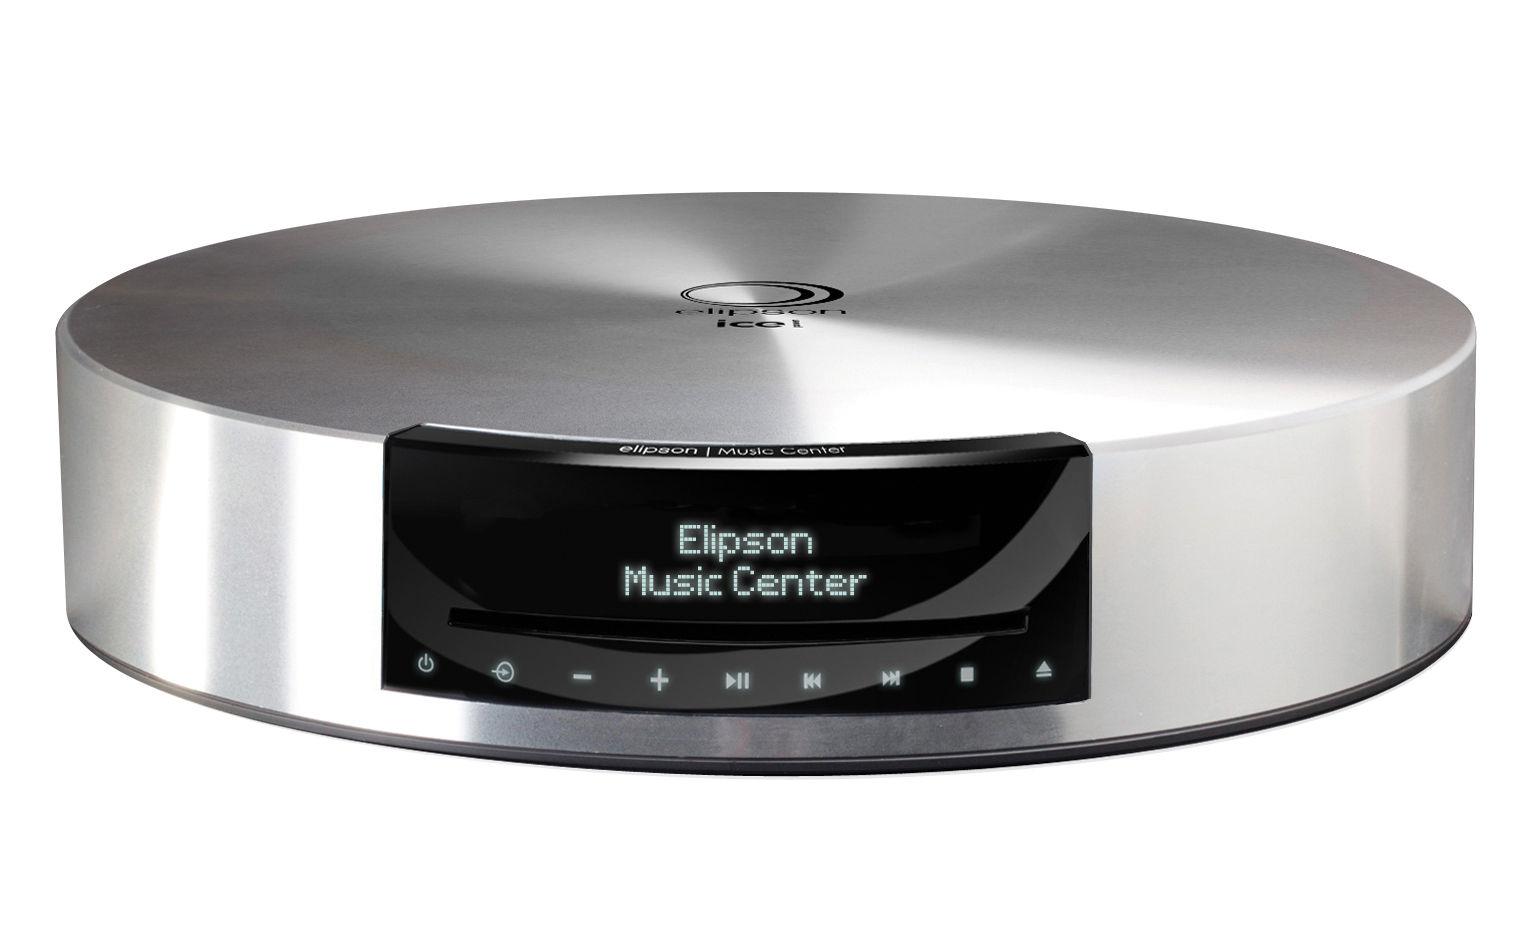 ampli tuner hi fi music center streaming sans fil. Black Bedroom Furniture Sets. Home Design Ideas